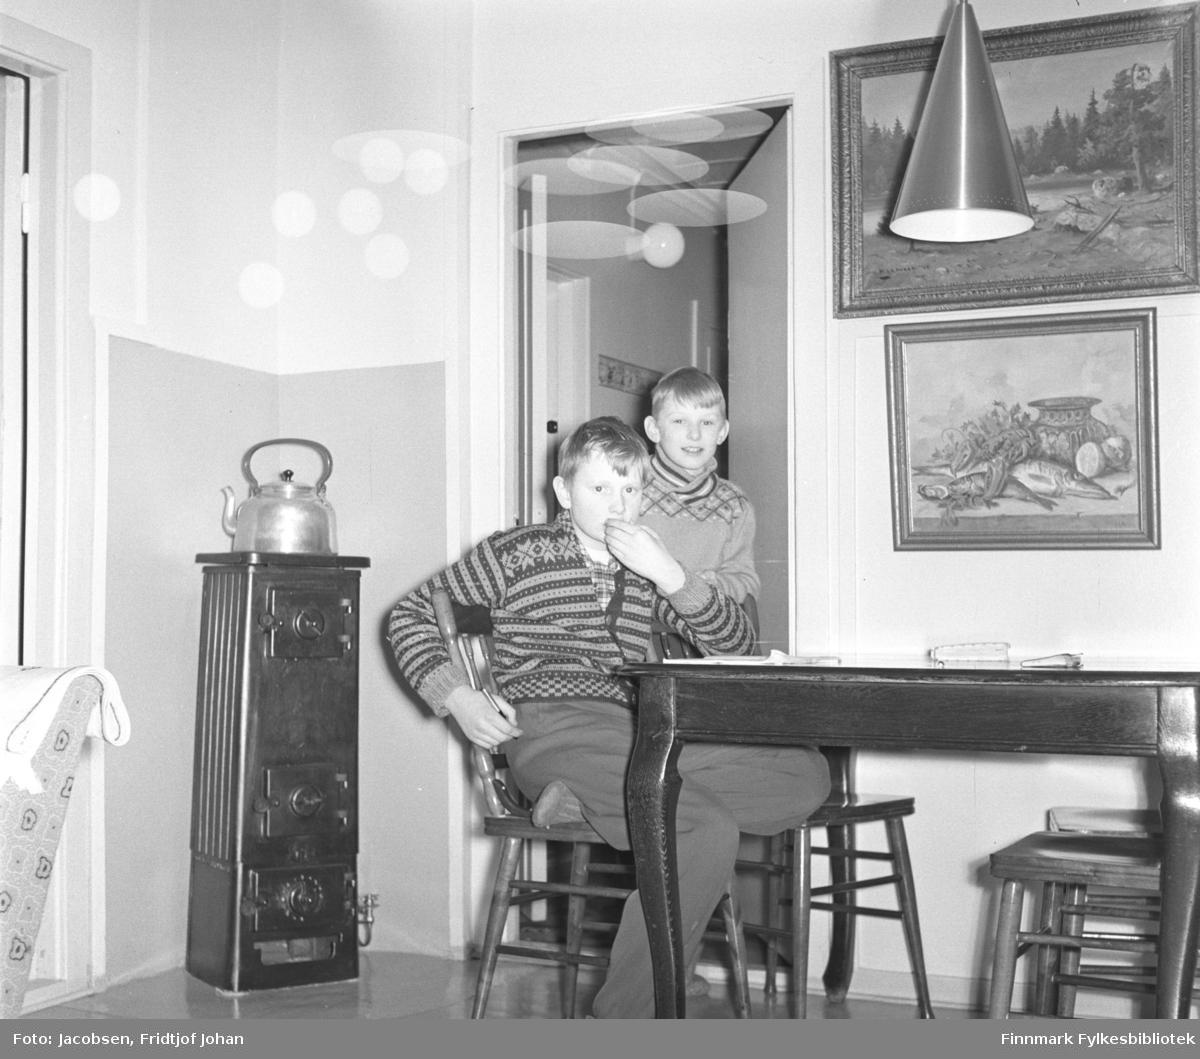 Fra stua til Fridtjof og Aase Jacobsen i Storvannsveien, vinteren 1958. På stolen sitter Arne Jacobsen. Han har en ganske lys bukse og strikkejakke med mønster på seg. Bak han står fetteren Ivar, iført en lys genser. Bordet og pinnestolene er mørke. To malerier henger på veggen over det og en taklampe ses oppe til høyre på bildet. En høy vedovn står i hjørnet med en stor kjele oppå.